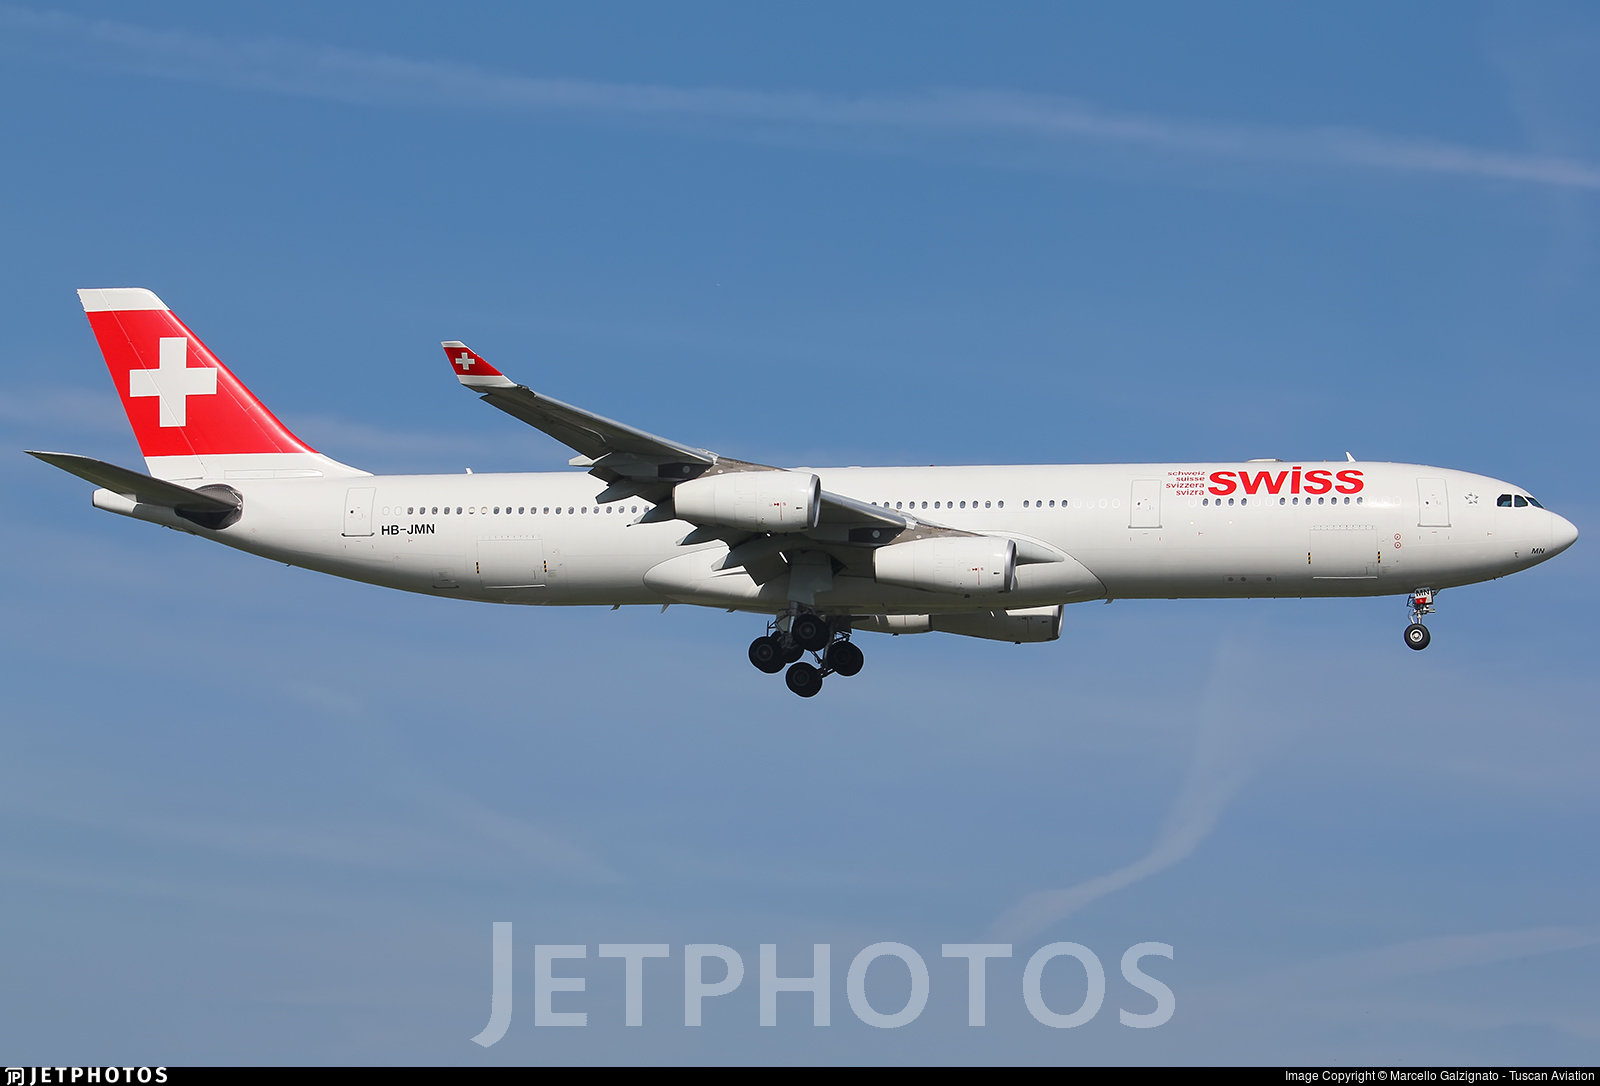 HB-JMN - Airbus A340-313X - Swiss